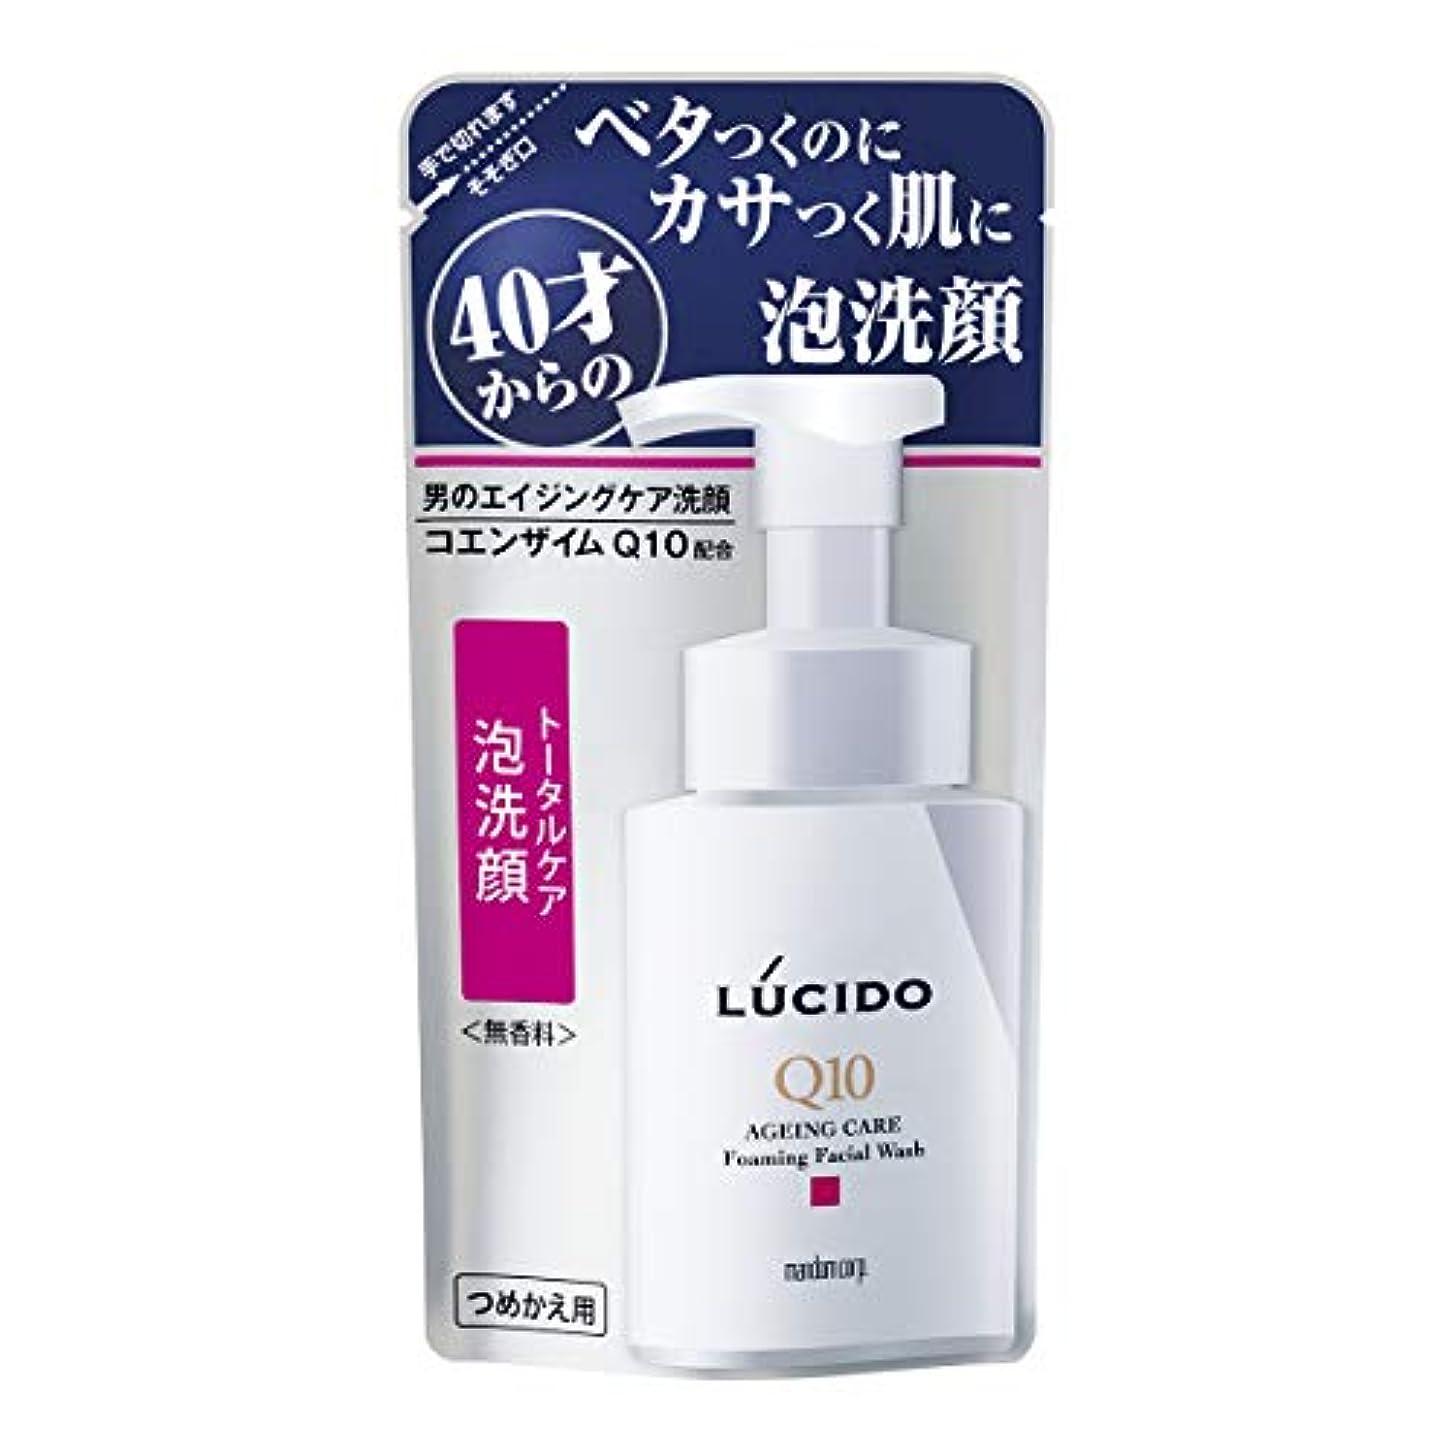 ピルファー比べるランクLUCIDO(ルシード) トータルケア泡洗顔 つめかえ用 Q10 130mL